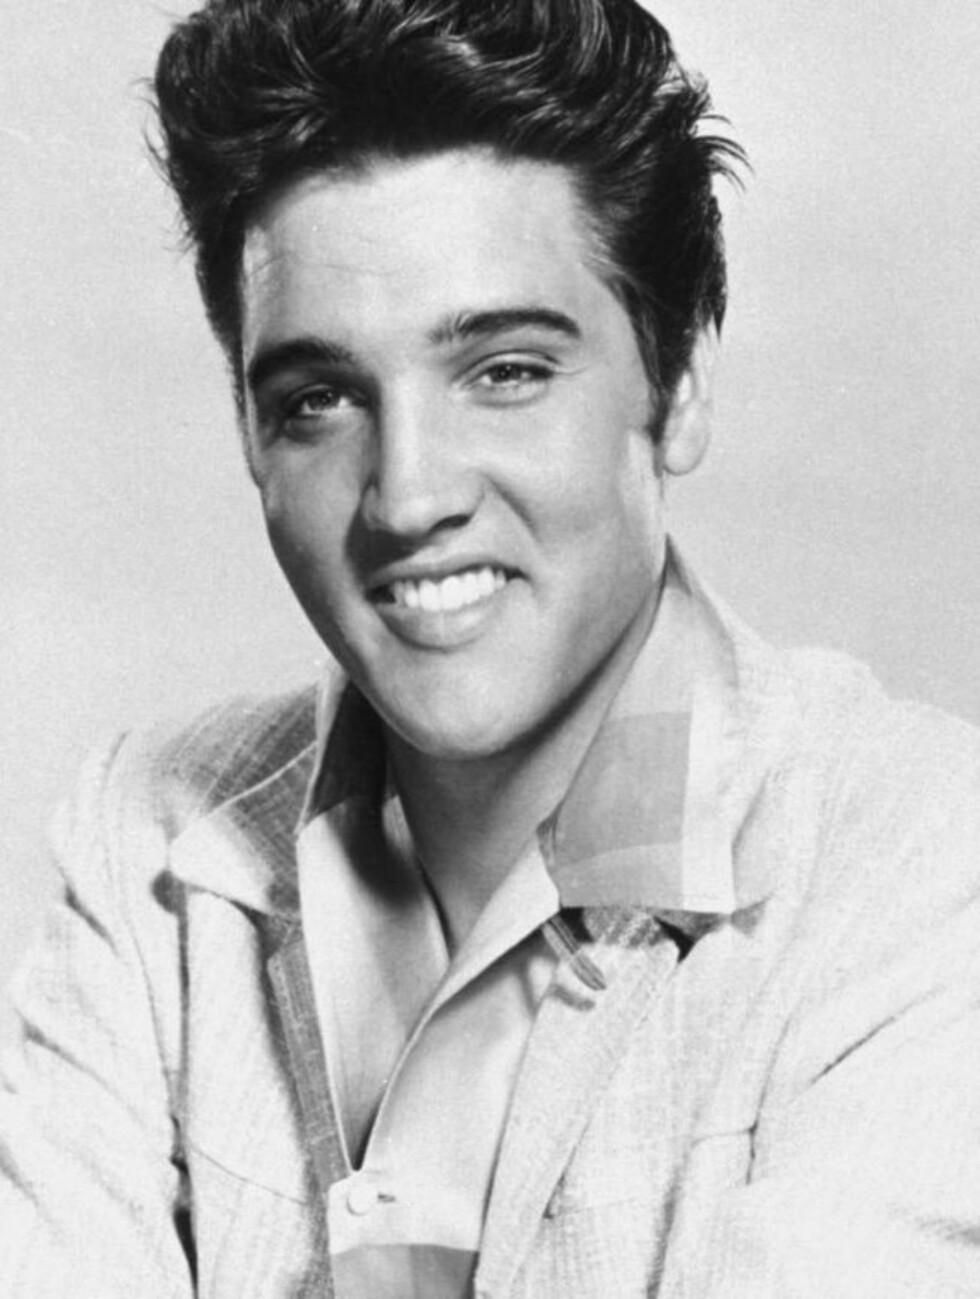 GAMMEL HELT: Etter at Elvis flyttet har huset skiftet mellom mange forskjellige eiere. Nå vil det bli gjenskapt slik det var på rockekongens tid. Foto: Scanpix/AP